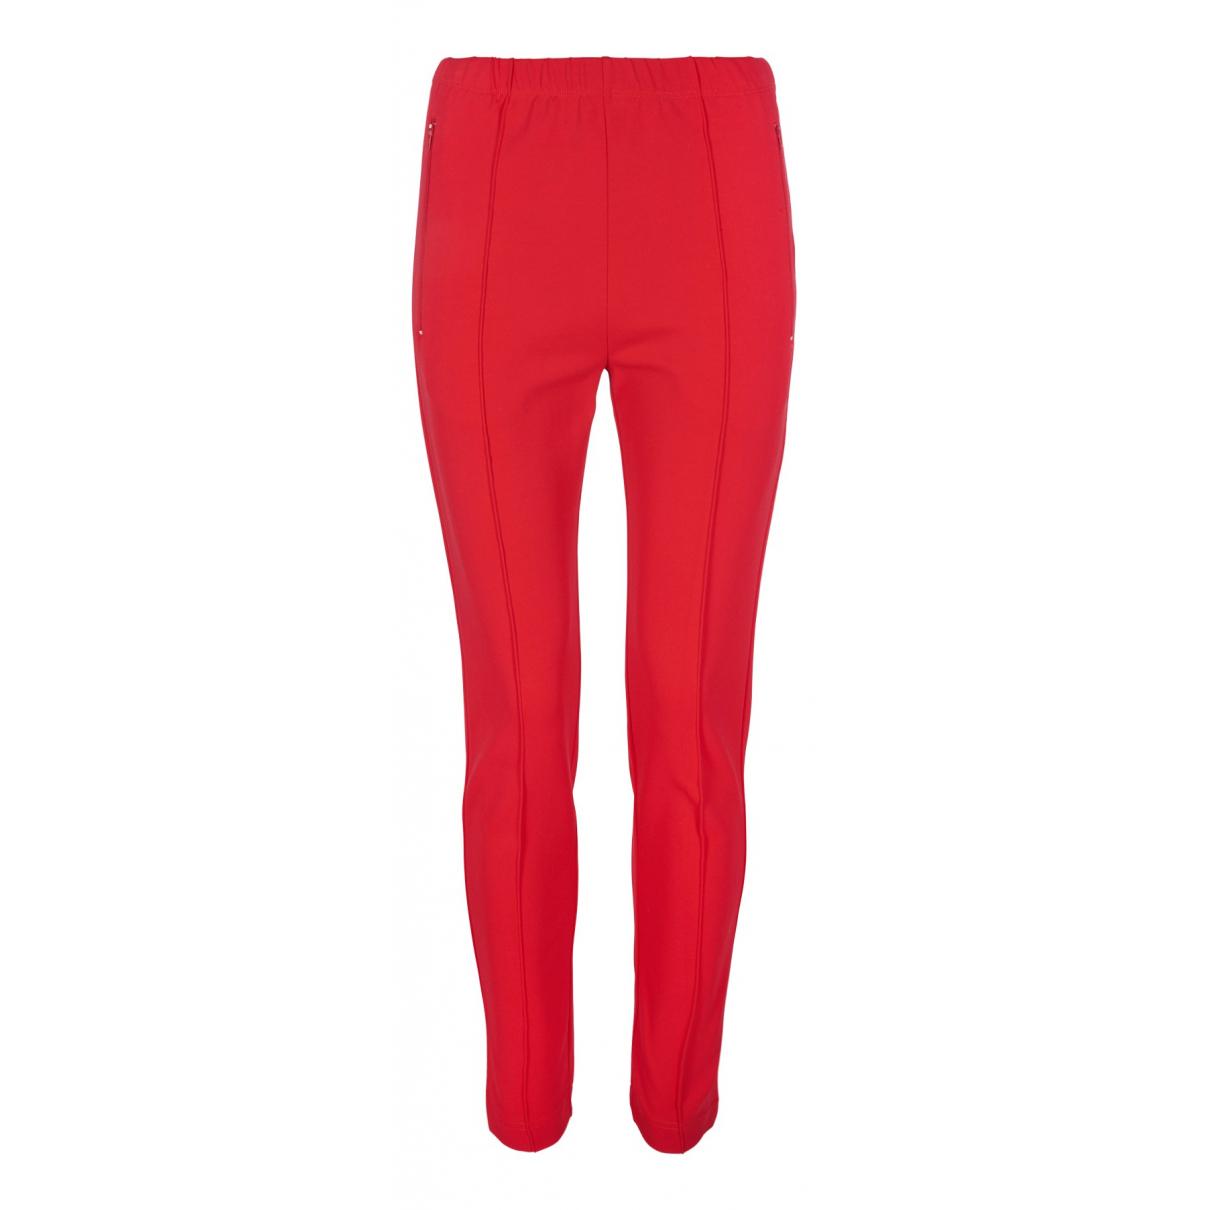 Balenciaga N Red Trousers for Women 12 UK